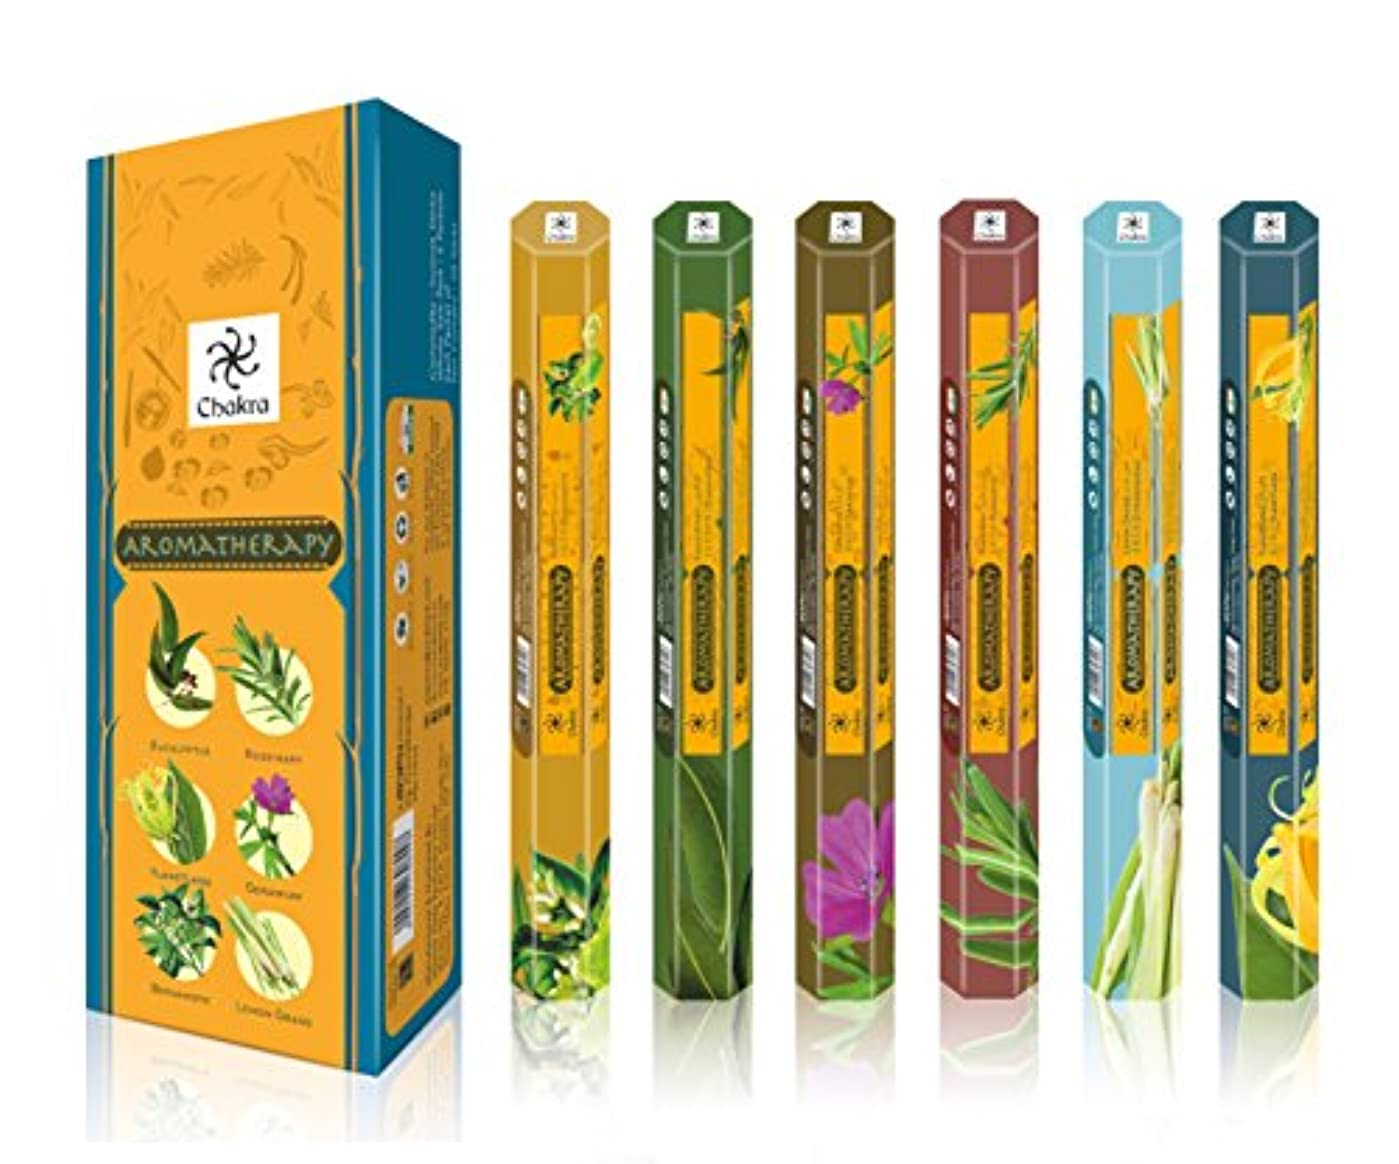 マルクス主義スラム街に対してアロマセラピーナチュラルフレグランス香りつきSticks – 促進健康とWell being- 20 Incense Sticks Perボックス – Long Lasting 120 Fragrance Sticks ...